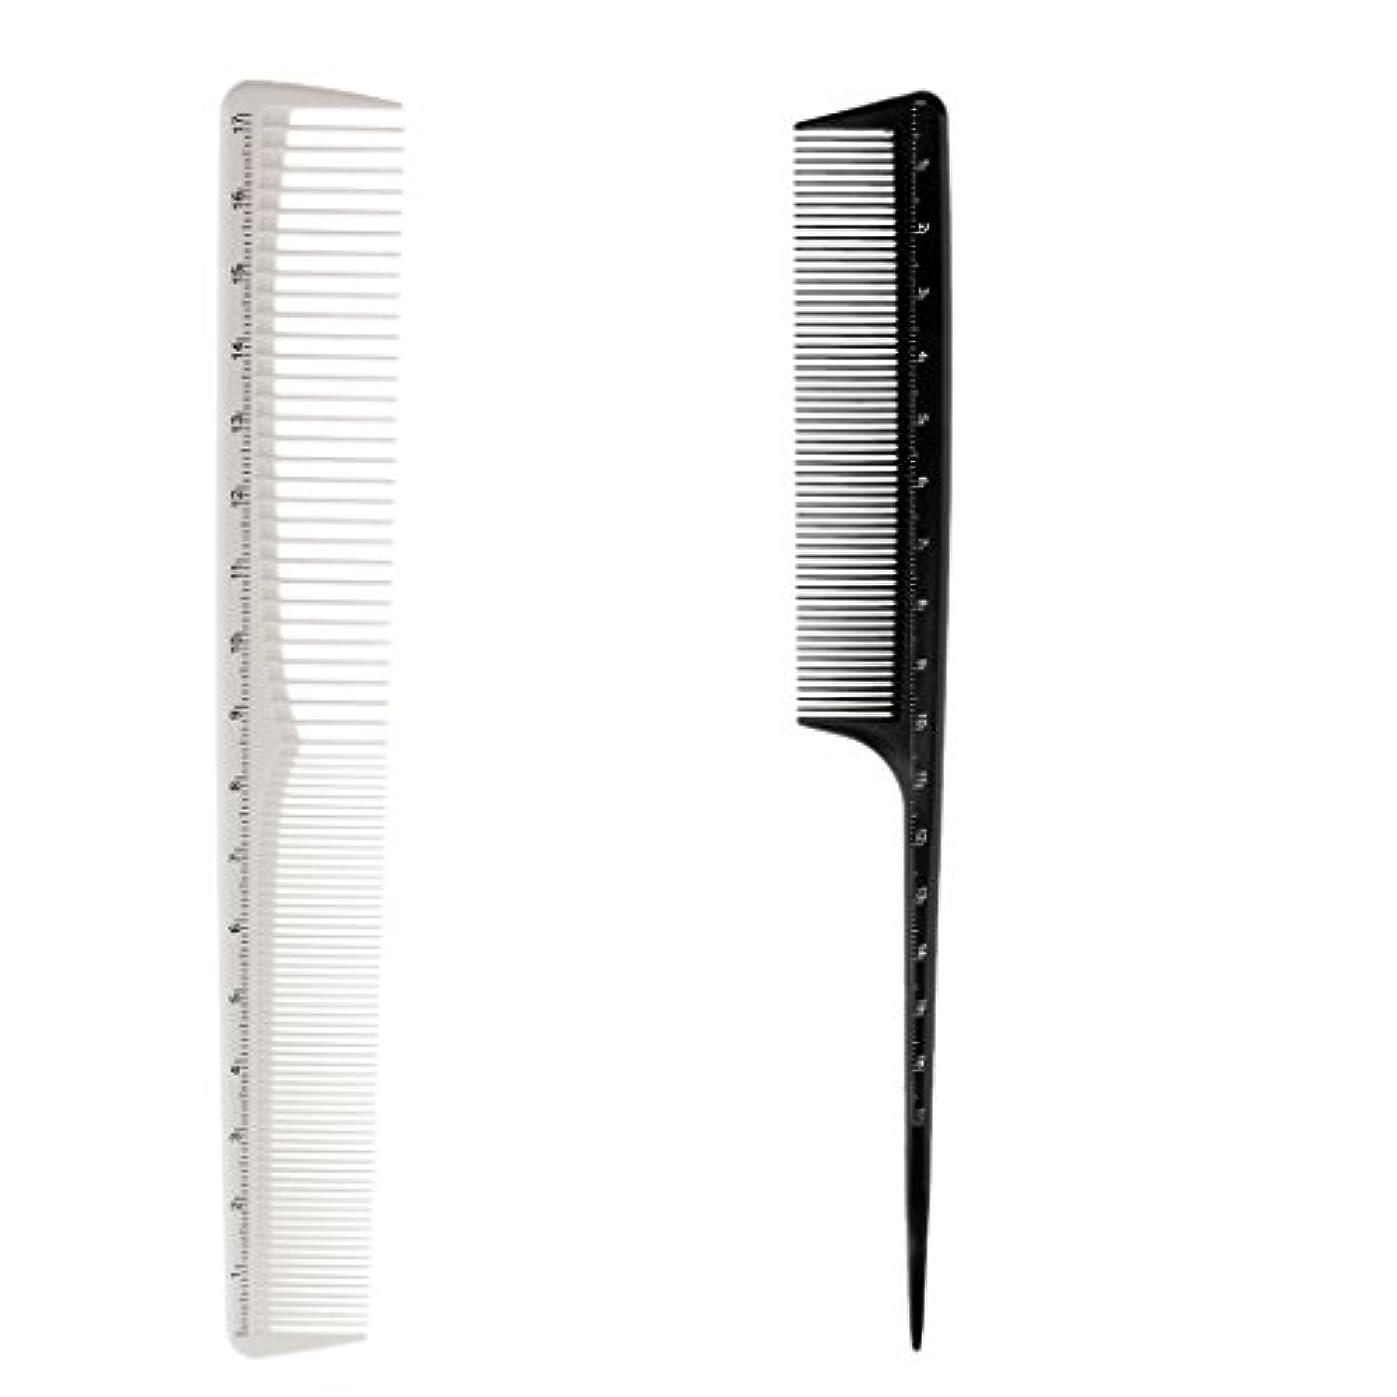 Kesoto 2個 ヘアカットコーム プロ ヘアブラシ ヘアコーム 櫛 コーム ヘアケア ヘアスタイリング 樹脂製 理髪師